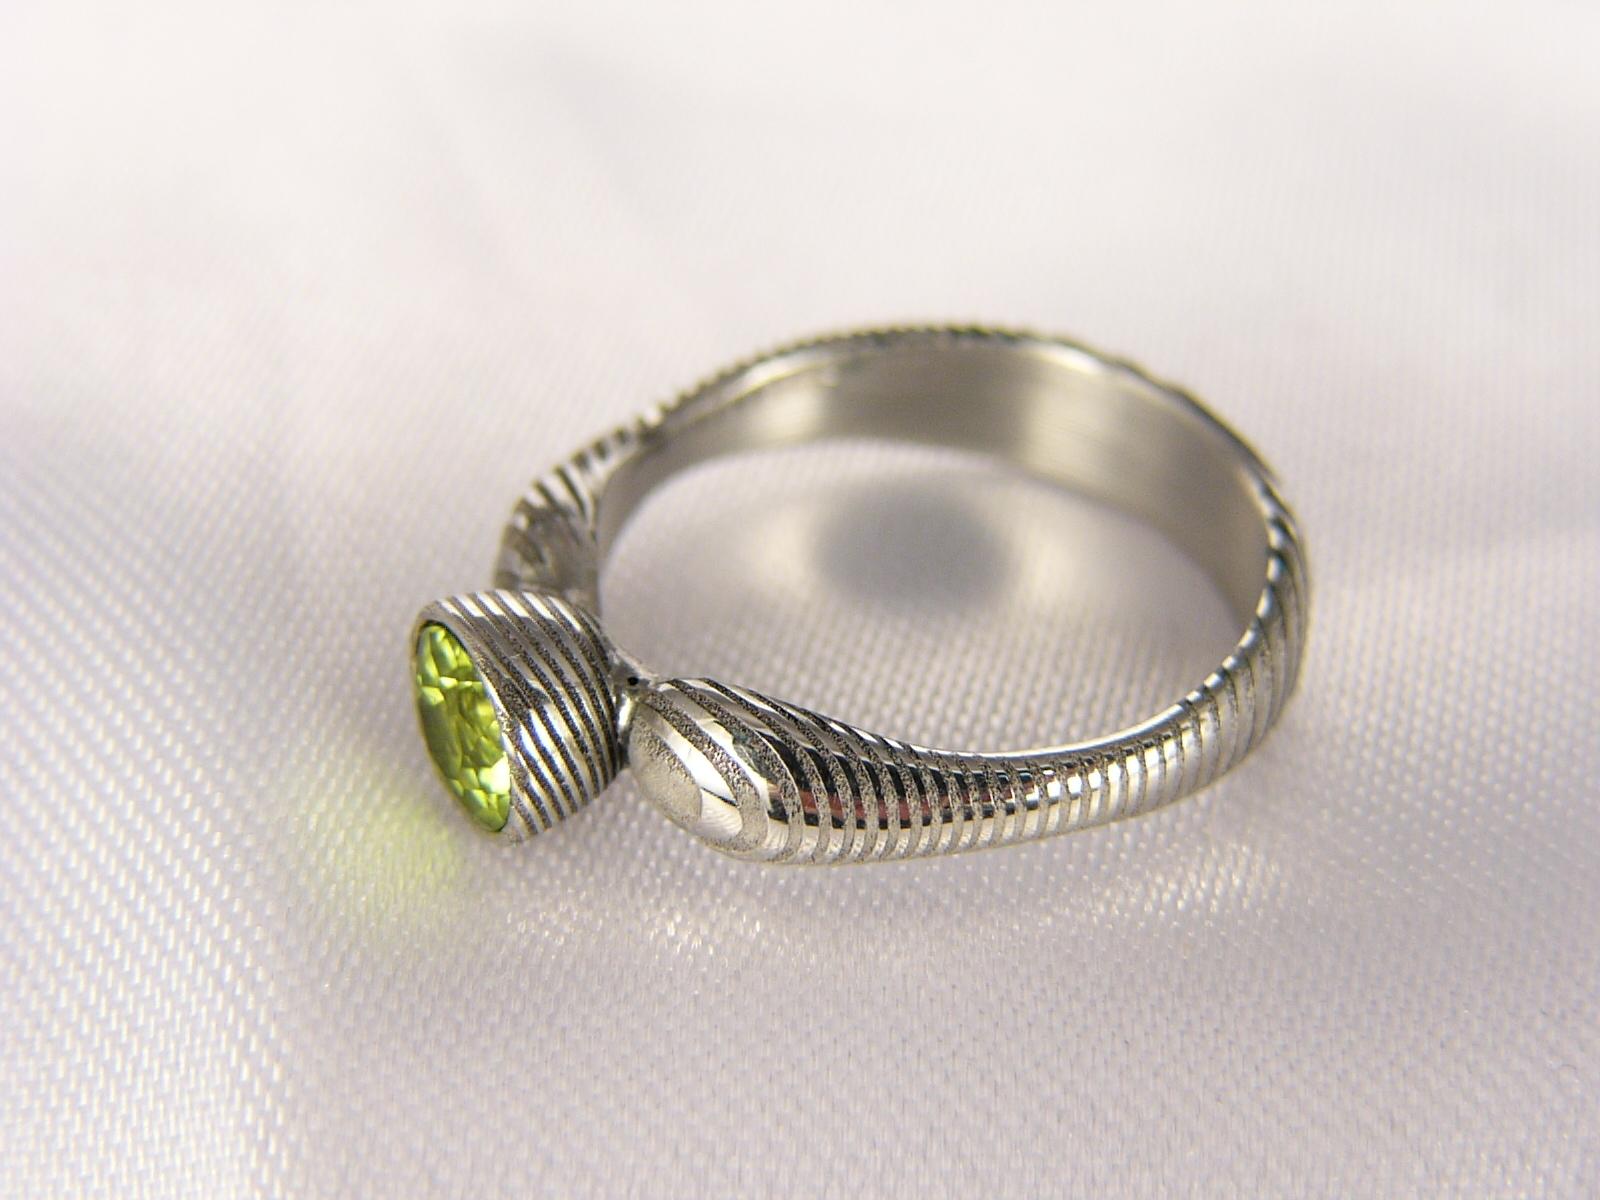 Prsten Growgris z damascénské oceli   Zboží prodejce Cubick  1e7469a624